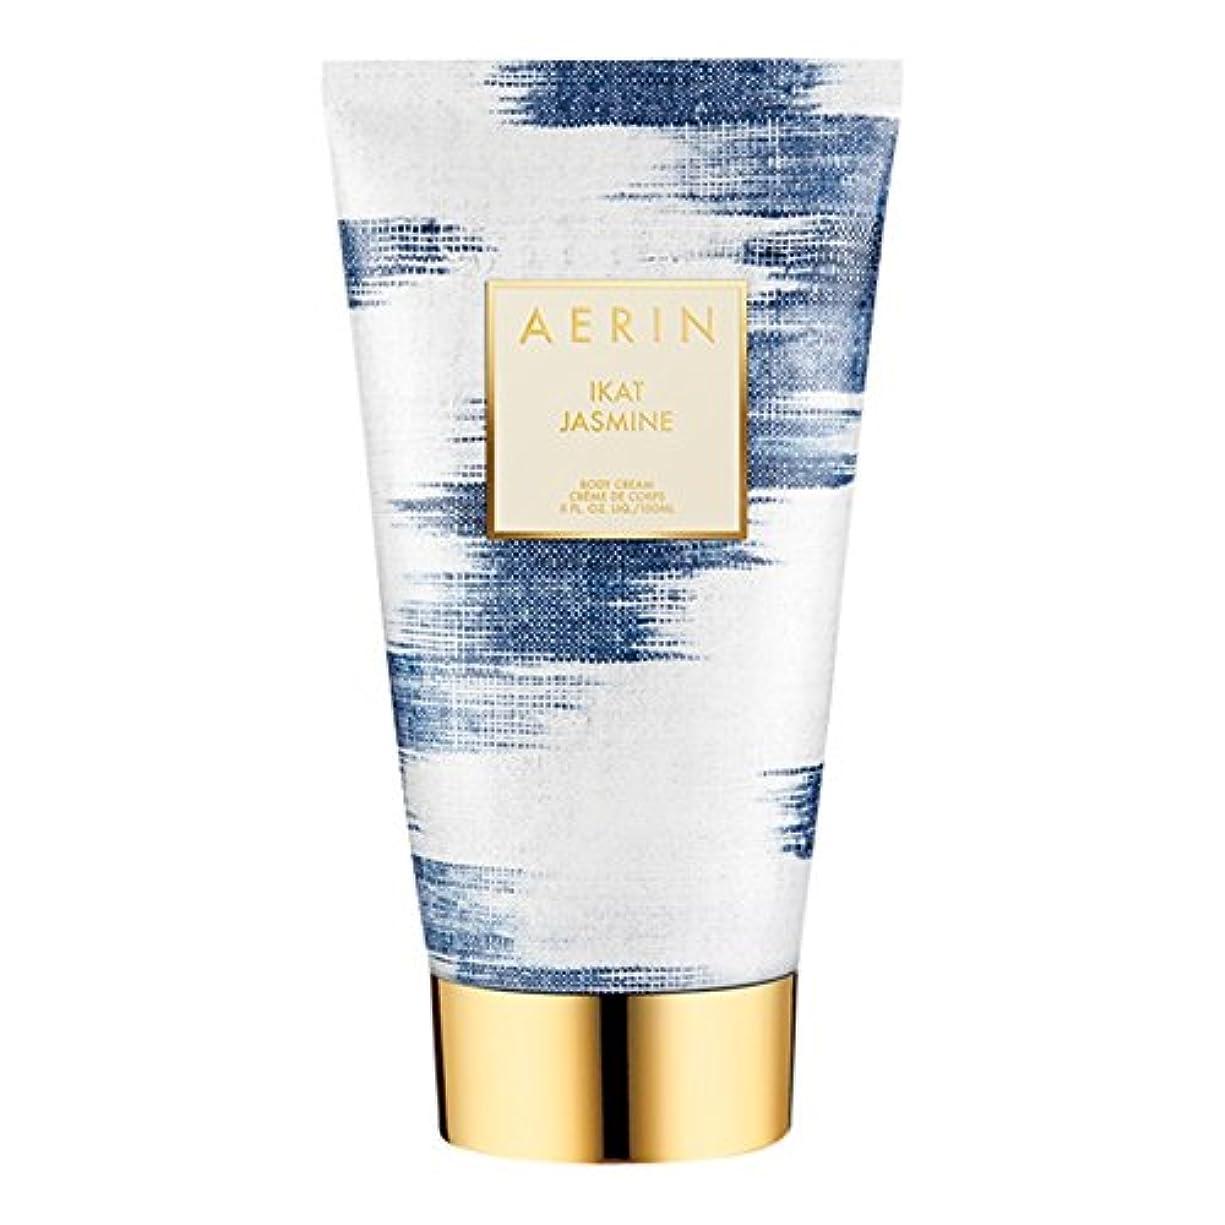 クレアパノラマ仮定Aerinイカットジャスミンボディクリーム150ミリリットル (AERIN) (x6) - AERIN Ikat Jasmine Body Cream 150ml (Pack of 6) [並行輸入品]